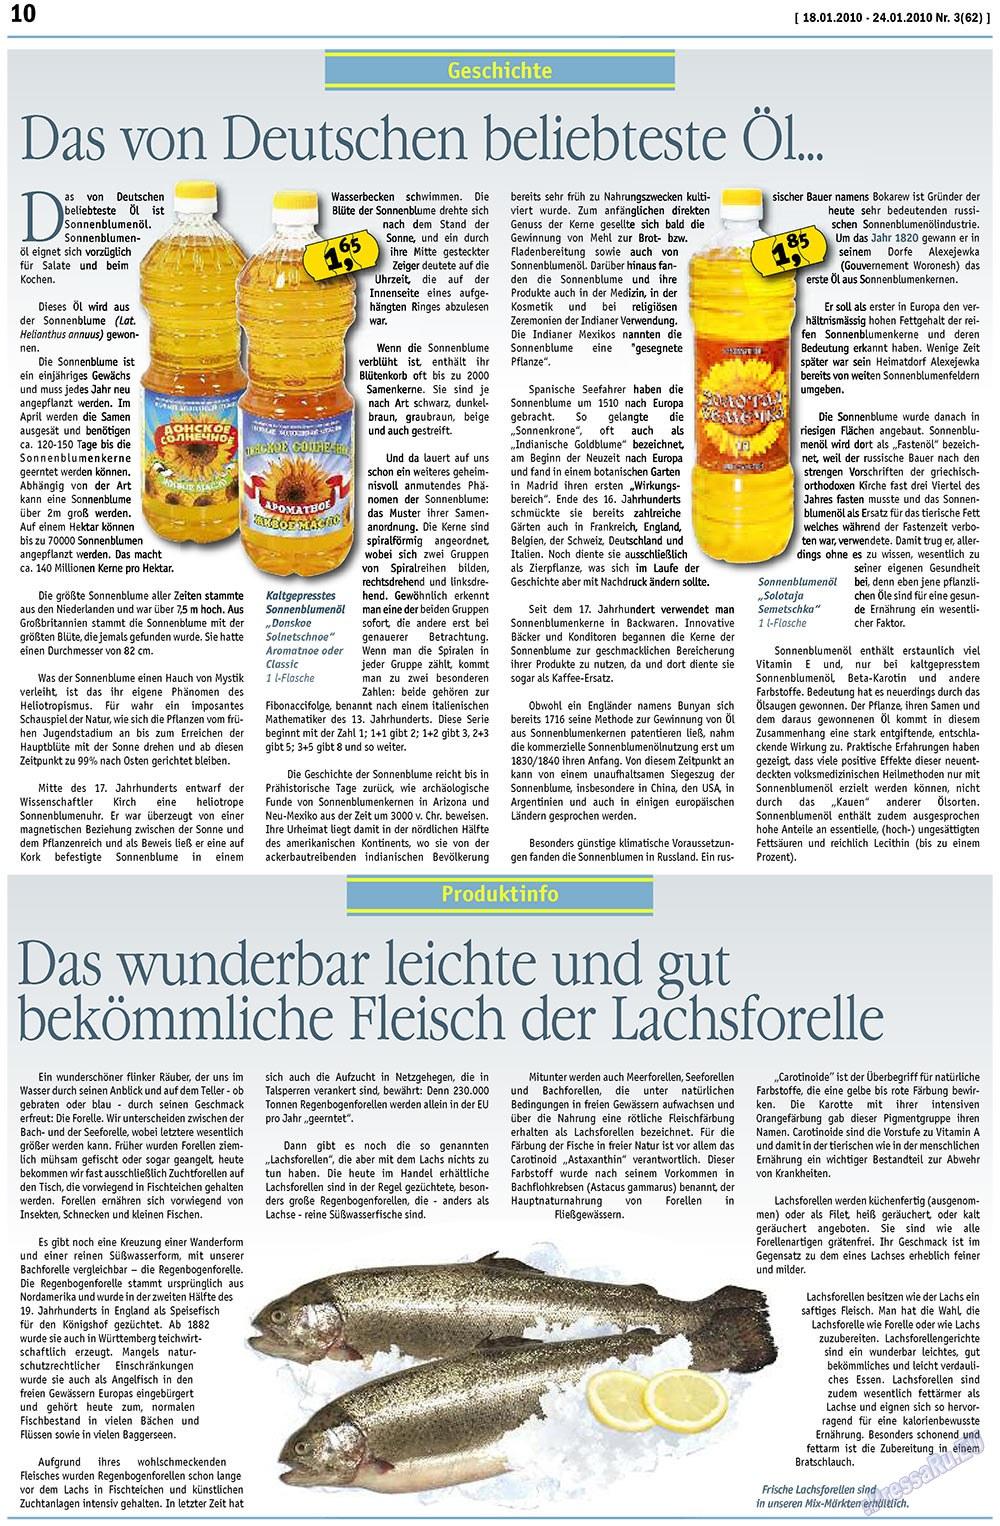 MIX-Markt Zeitung (газета). 2010 год, номер 3, стр. 10